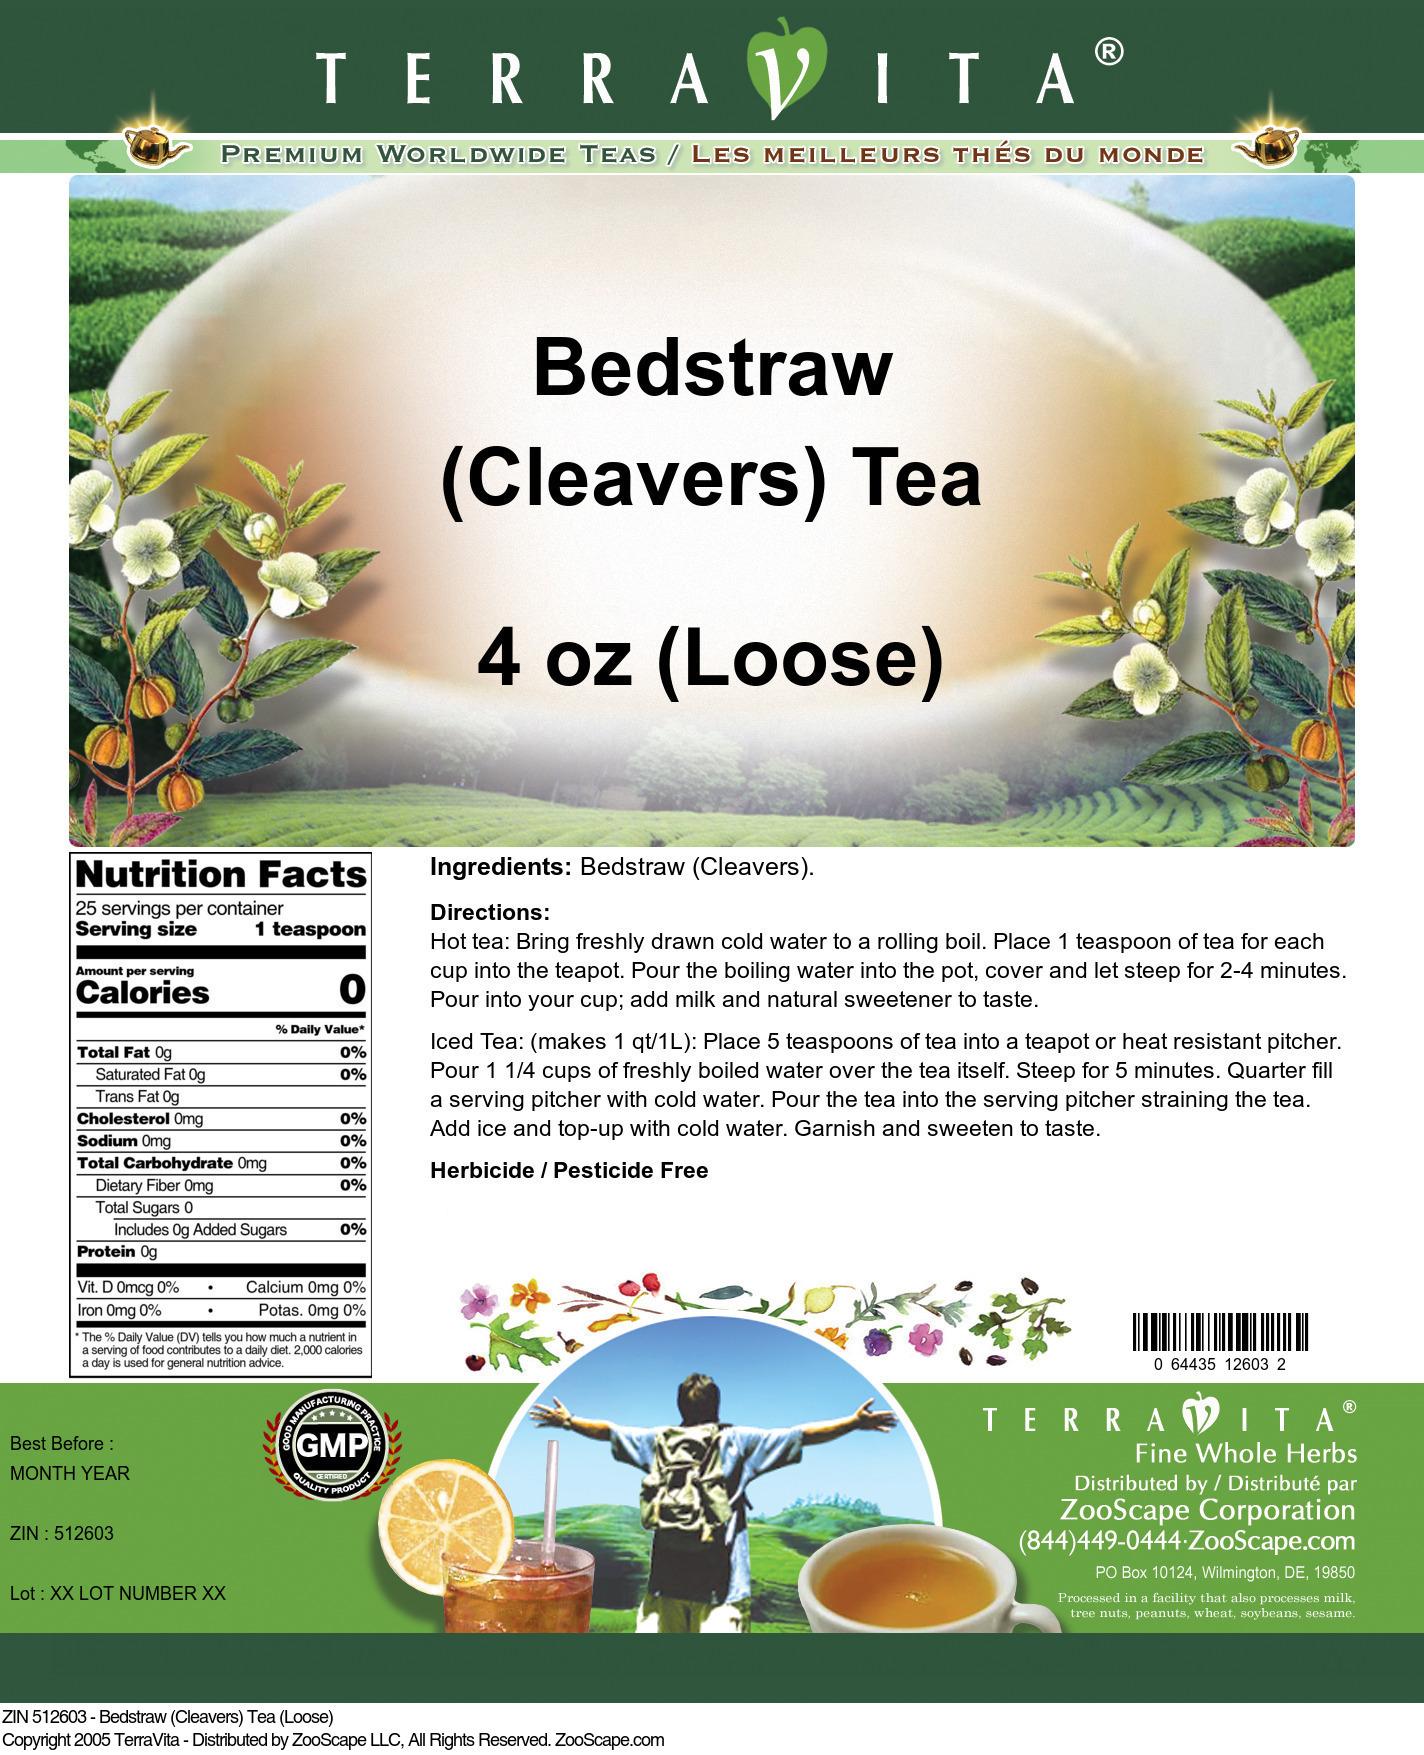 Bedstraw (Cleavers) Tea (Loose)